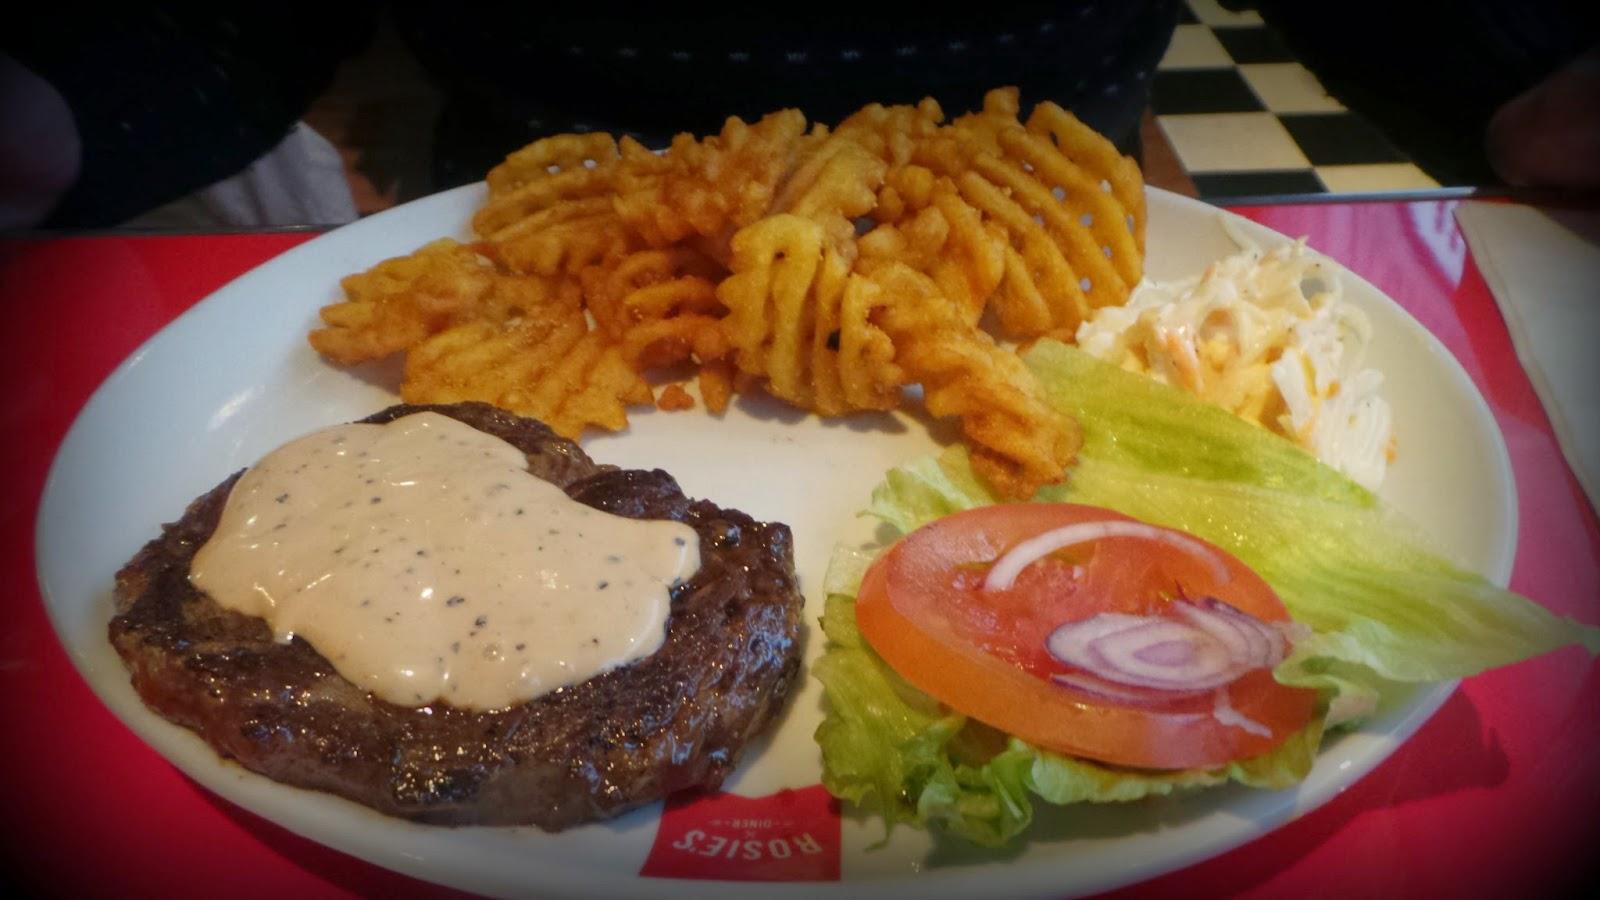 american diner in yorkshre